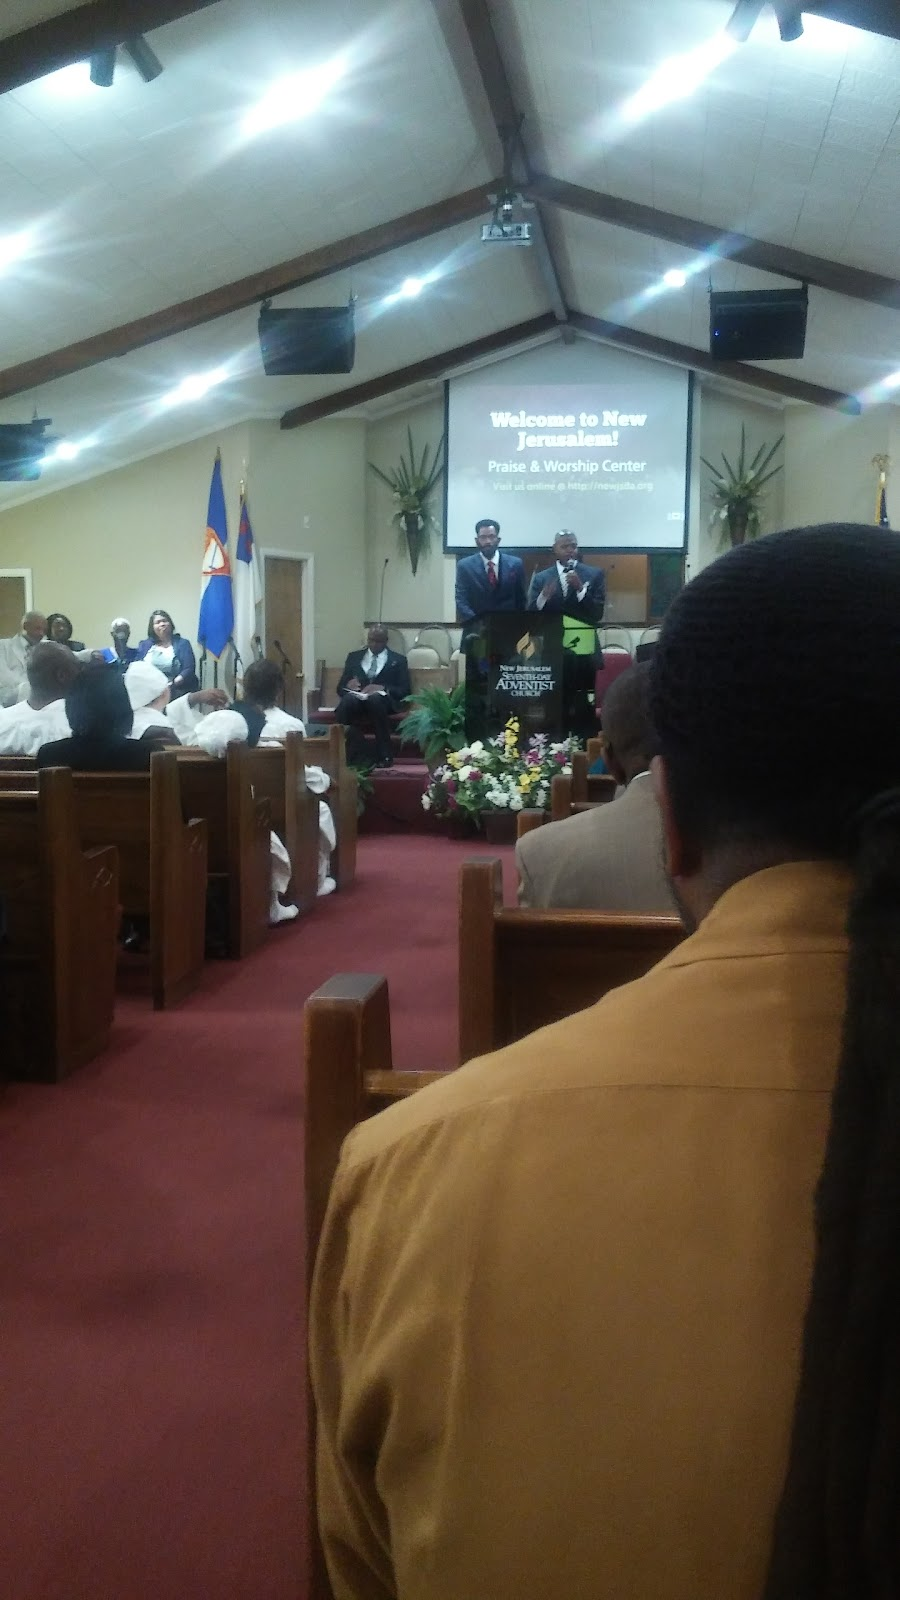 New Jerusalem Praise & Worship - church  | Photo 10 of 10 | Address: 4152 Midway Rd, Douglasville, GA 30134, USA | Phone: (678) 540-4420